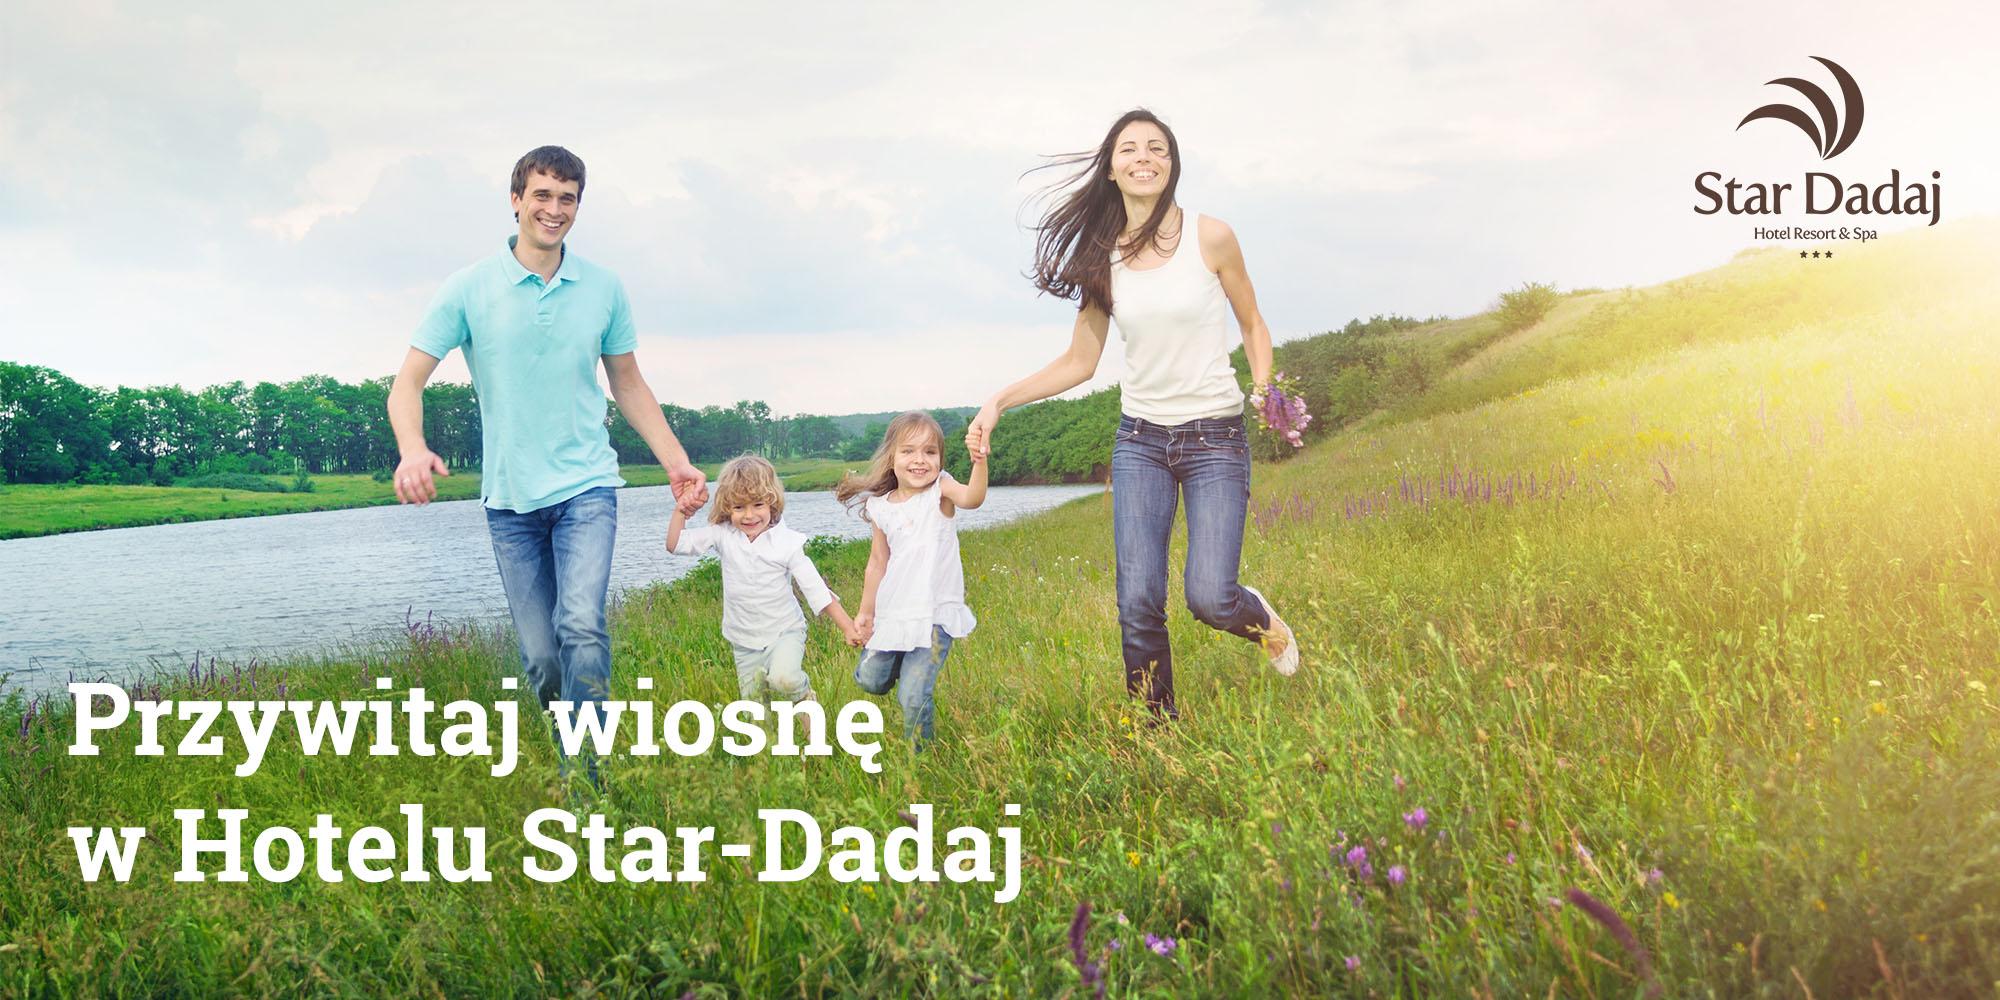 pakiet wiosenny w Hotelu Star-Dadaj na Mazurach